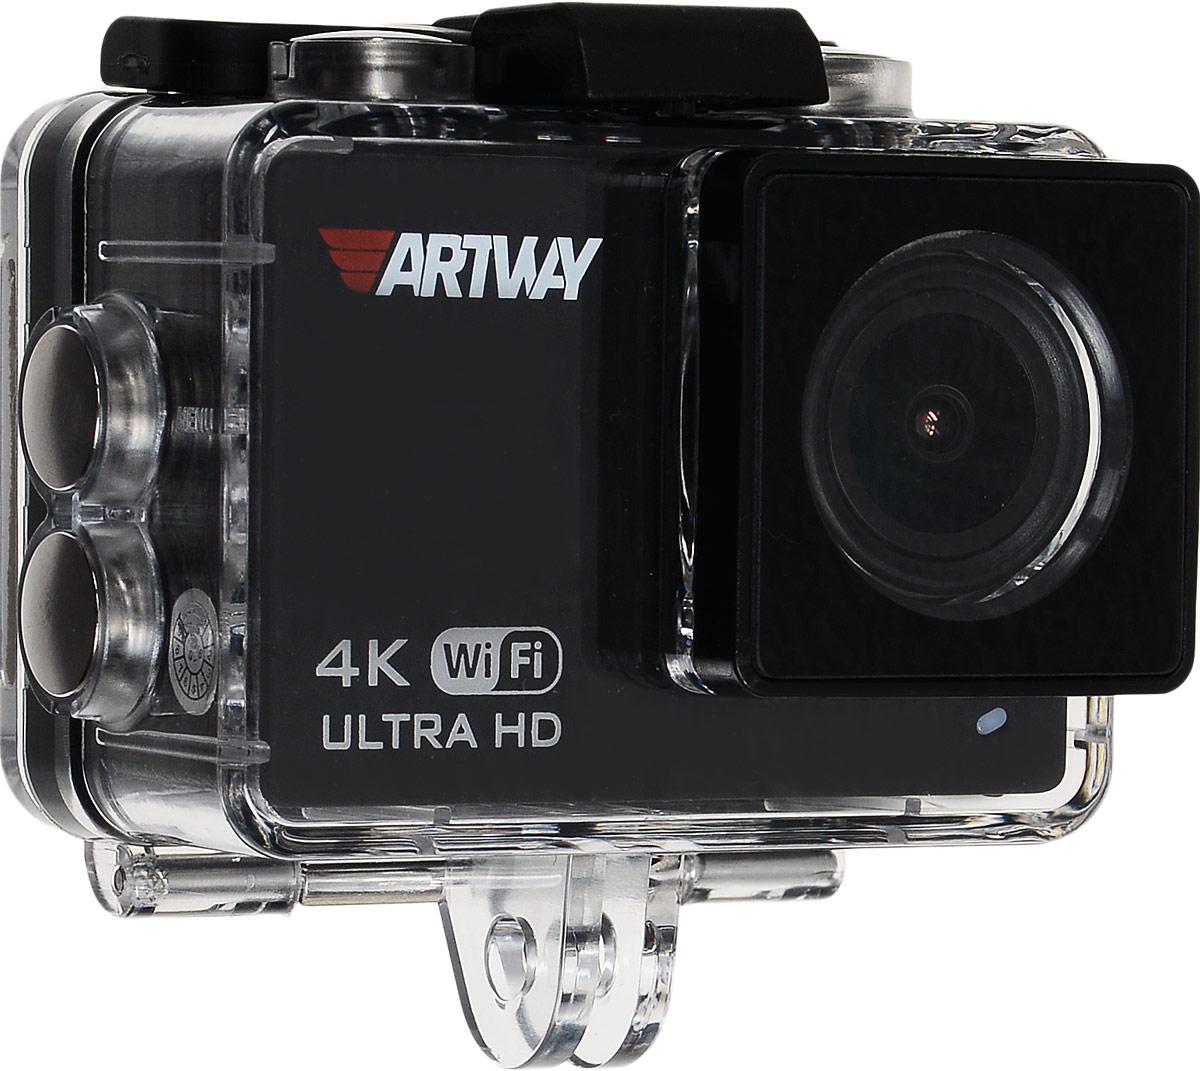 Artway AC-905, Black видеорегистратор + экшн-камераAC-905Экшн-камеру Artway AC-905 можно использовать в качестве автомобильного регистратора. Для этого в устройстве предусмотрены все необходимые функции. Режим циклической записи, который позволяет экономить место на карте памяти. Встроенный G-сенсор защитит от удаления или перезаписи, видеофайлы во время аварийных ситуаций. Функция НDR позволяет снимать ролики в высокого качества в условиях плохой освещенности или в ночное время при ярком свете фонарей и фар встречных автомобилей.В комплекте экшн-камеры входит специальное крепление с присоской на стекло автомобиля, а компактный размер камеры делает ее незаметной для окружающих. При использовании Artway AC 905 в качестве видеорегистратора, вы сможете рассмотреть на видео не только номерные знаки, но и мельчайшие действия и обстоятельства происшествия.Видео такого высокого качество позволит вам доказать свою невиновность в случае судебных разбирательств. Благодаря встроенному Wi-Fi владелец устройства может сохранить на смартфон необходимые видеофайлы прямо на месте ДТП. Передав карту памяти сотруднику ДПС, можно не опасаться, что она будет утеряна вместе с записью дорожного события.Высочайшее качество съемки 4KUltra HD обеспечивается благодаря мощному графическому процессору Allwinner V3 и матрице Sony с разрешением 16 мегапикселей. 4K это формат ультравысокой четкости, он в четыре раза лучше популярного Full HD, позволяет добиться максимально качественной картинки и в дневное и ночное время.Бесплатное приложение для управления видеорегистратором через смартфон на базе iOS и Android находятся в свободном доступе в AppStore и GogglePlay. Вы всегда можете установить их на свой смартфон для управления устройством, просмотра сохраненных видео или сохранения файлов на мобильном устройстве.Функция стабилизации изображения и компенсирования вибрации позволяет компенсировать тряску и вибрации при съемке во время движения и стабилизирует изображение во время съемки с рук. Так